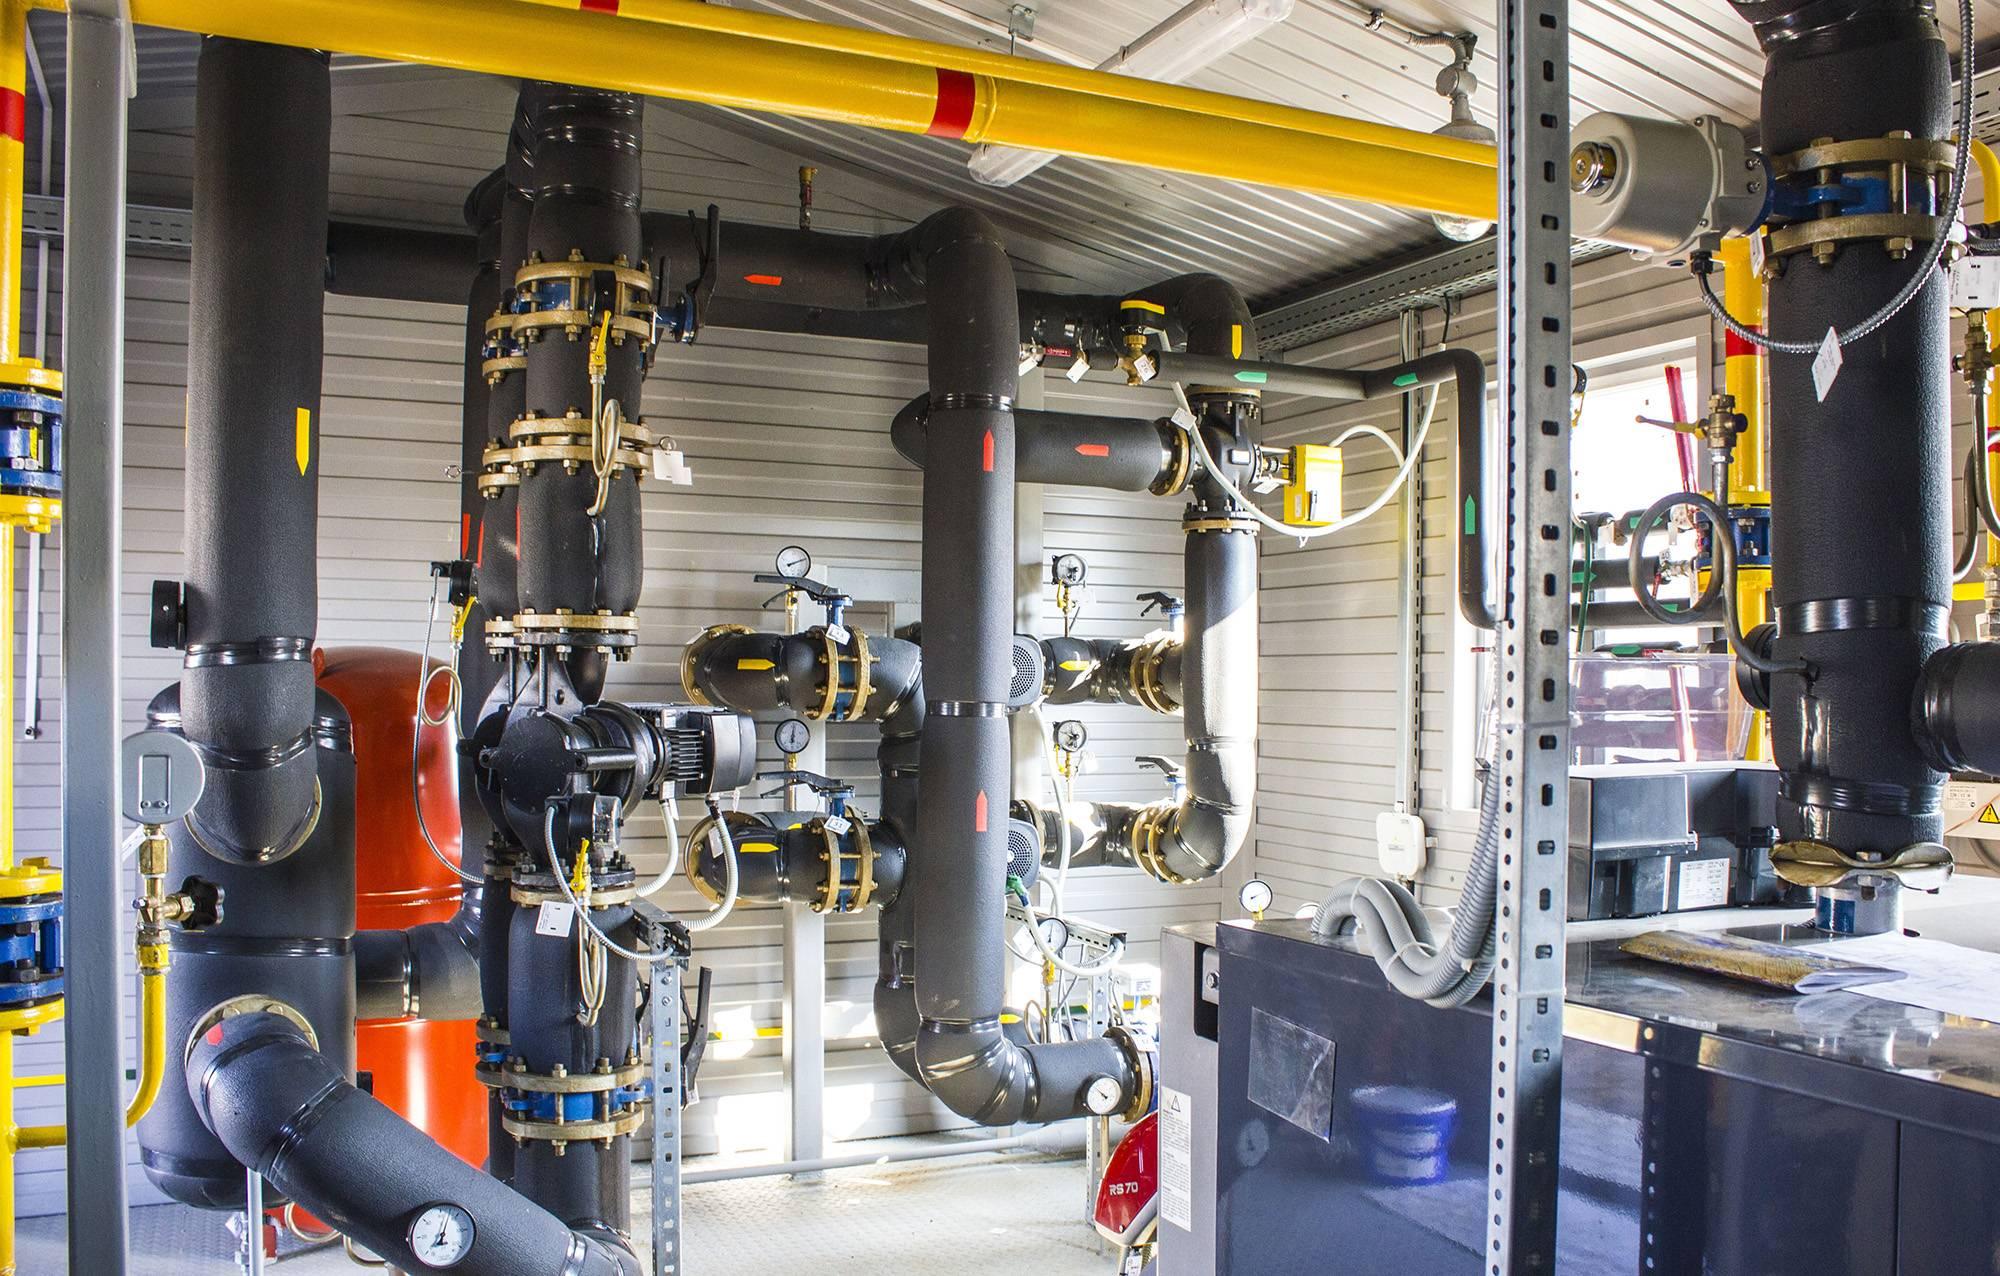 Купить газовую блочно-модульную котельную бмк-9 мощностью 9 мвт в санкт-петербурге и ленинградской области | тгв-альянс